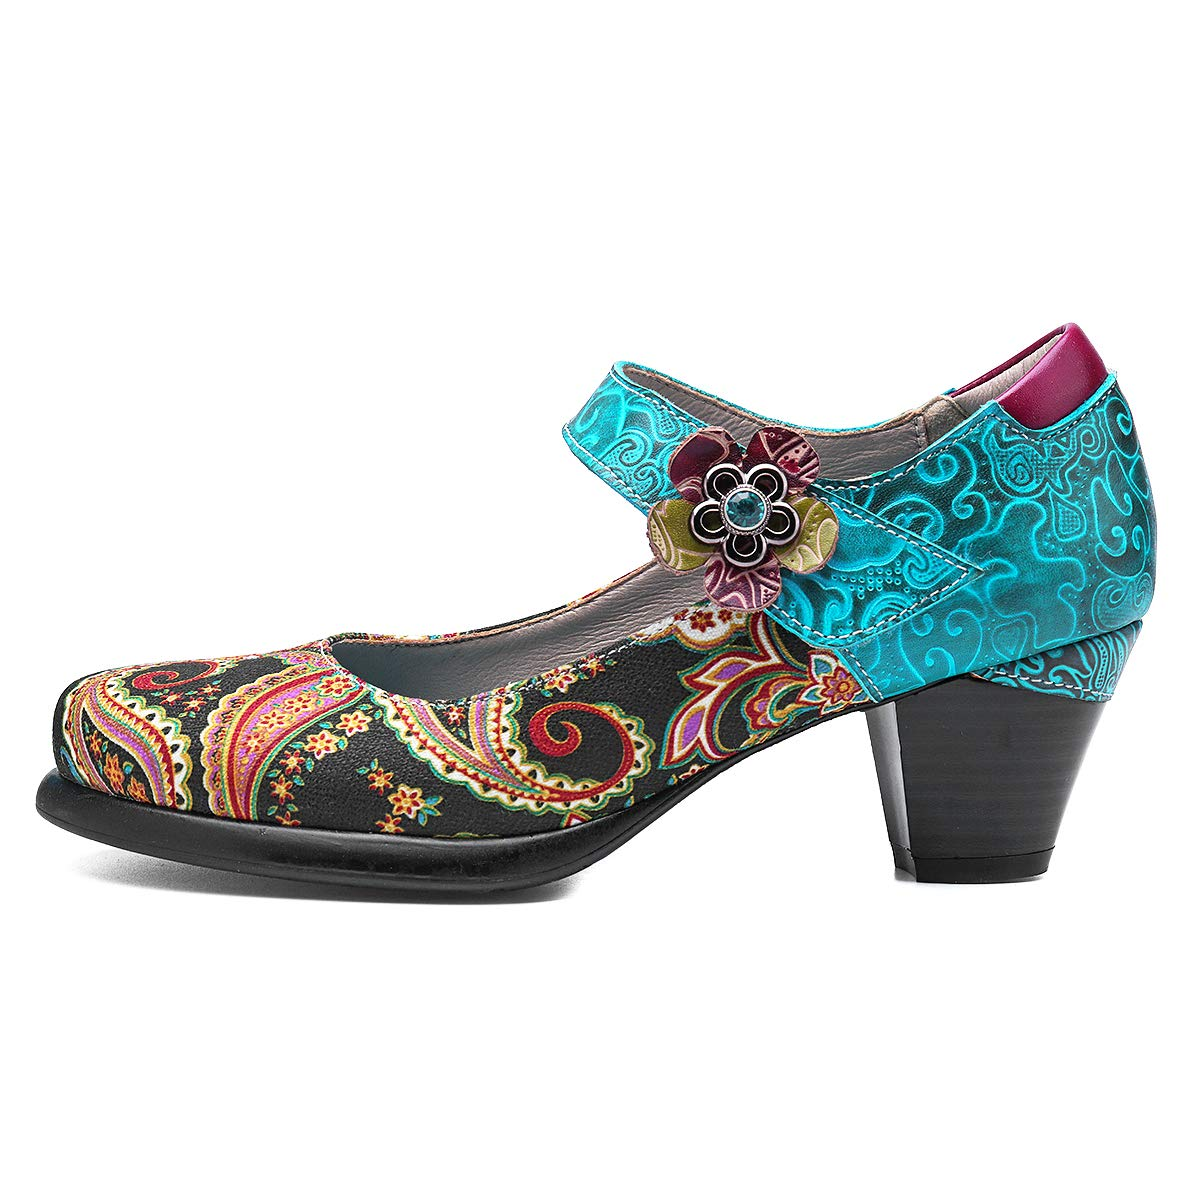 gracosy Botines para Mujer Tacones de Cuero Primavera y Oto/ño Zapatos de Cuero Boho para Mujer 2019 Caf/é Azul Antideslizante Zapatos Oxford